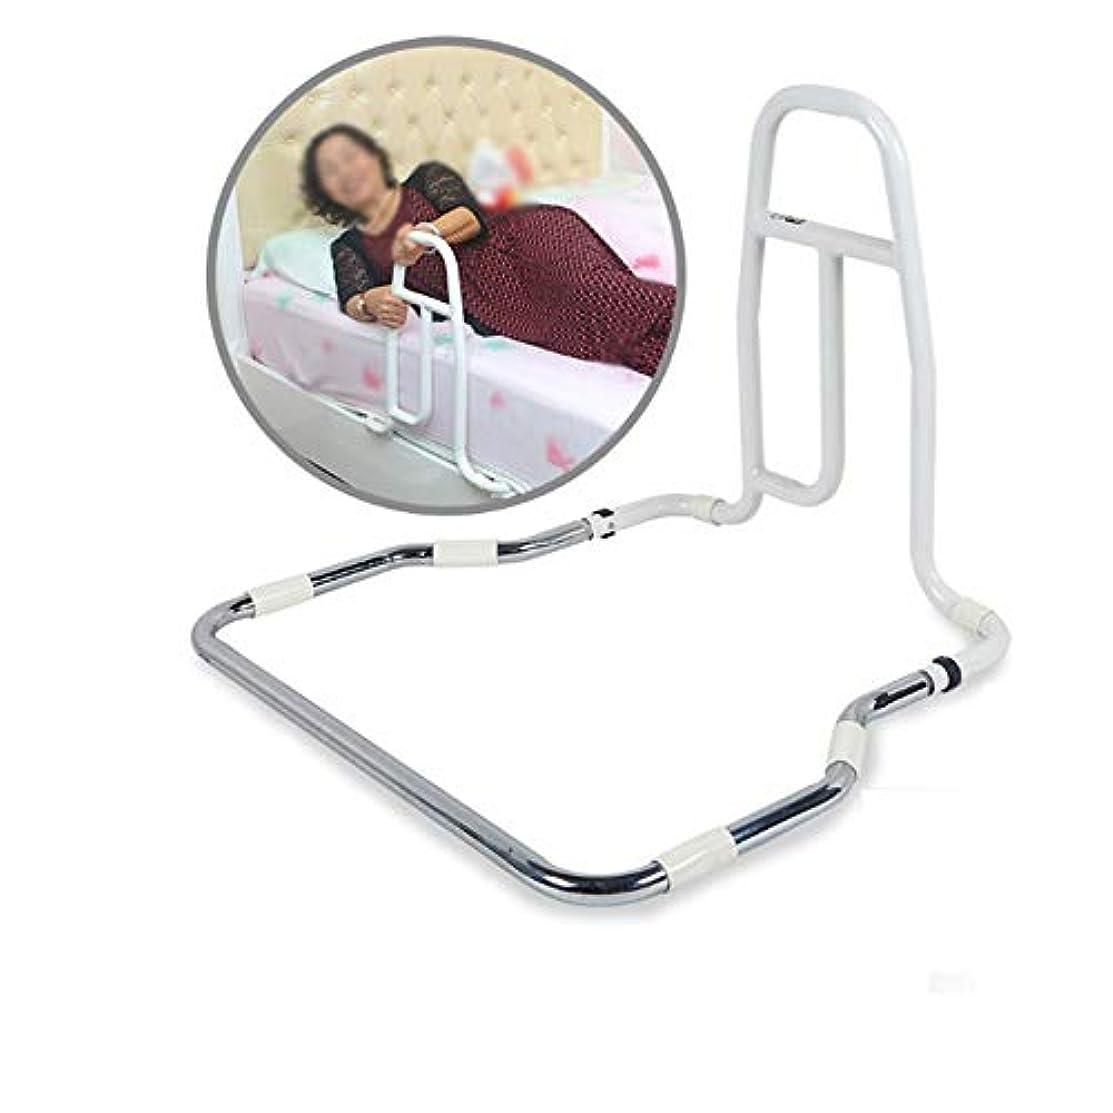 最後のネズミレンドベッドグラブレール、安全な高さ調節可能なレール、ベッドの出入りを支援、安定補助具、高齢者用、身体障害者、障害者、ディバンベッドグラブハンドル